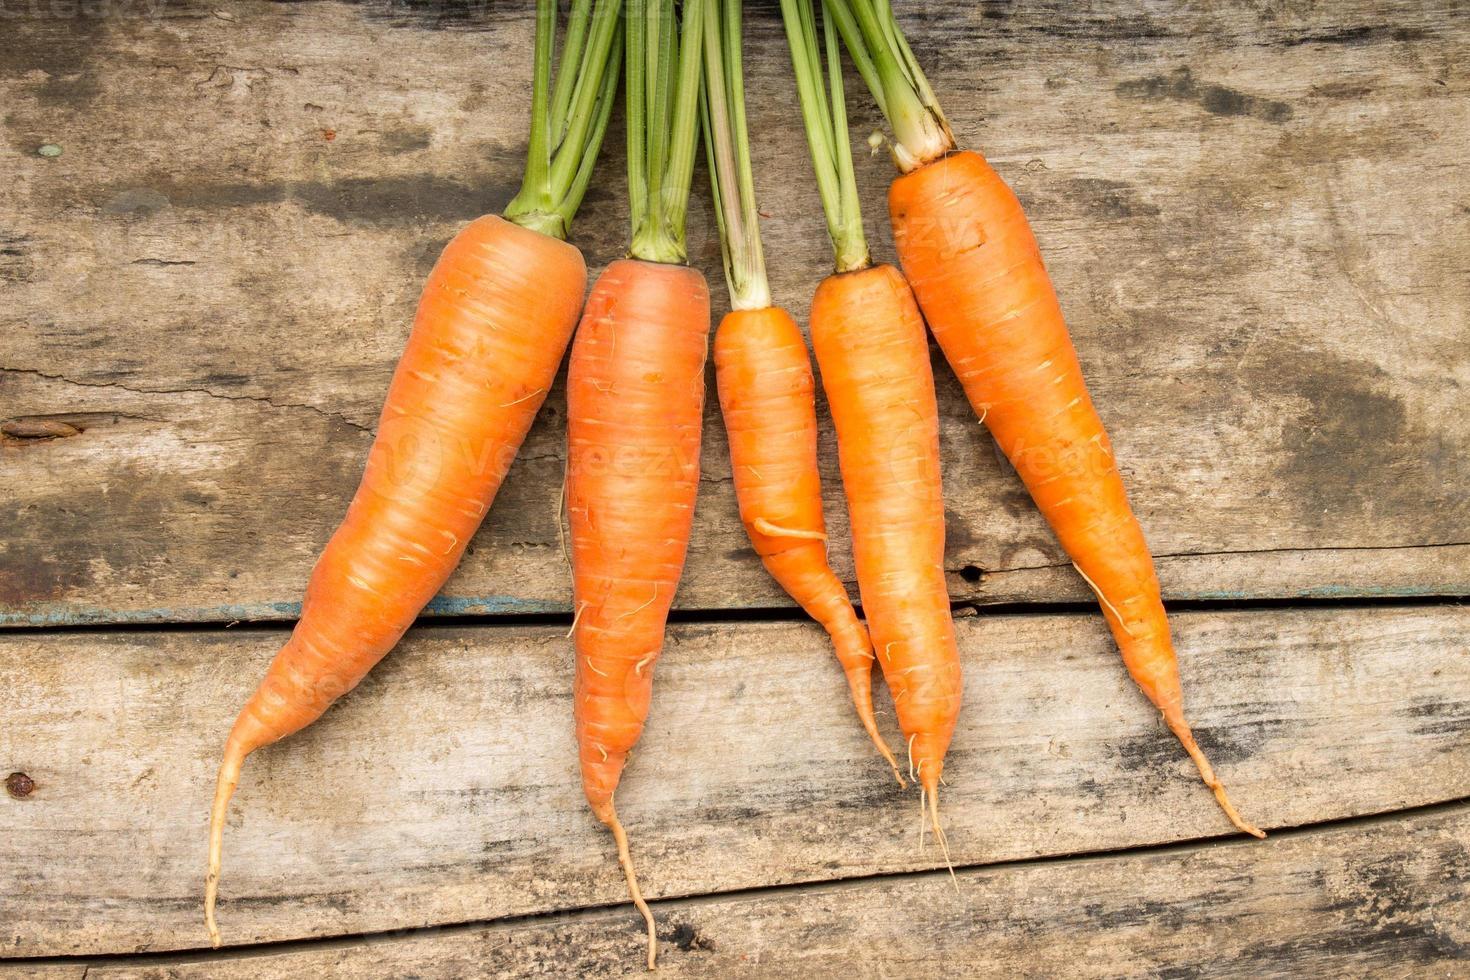 frische reife Karotten, die auf hölzernem Hintergrund liegen foto